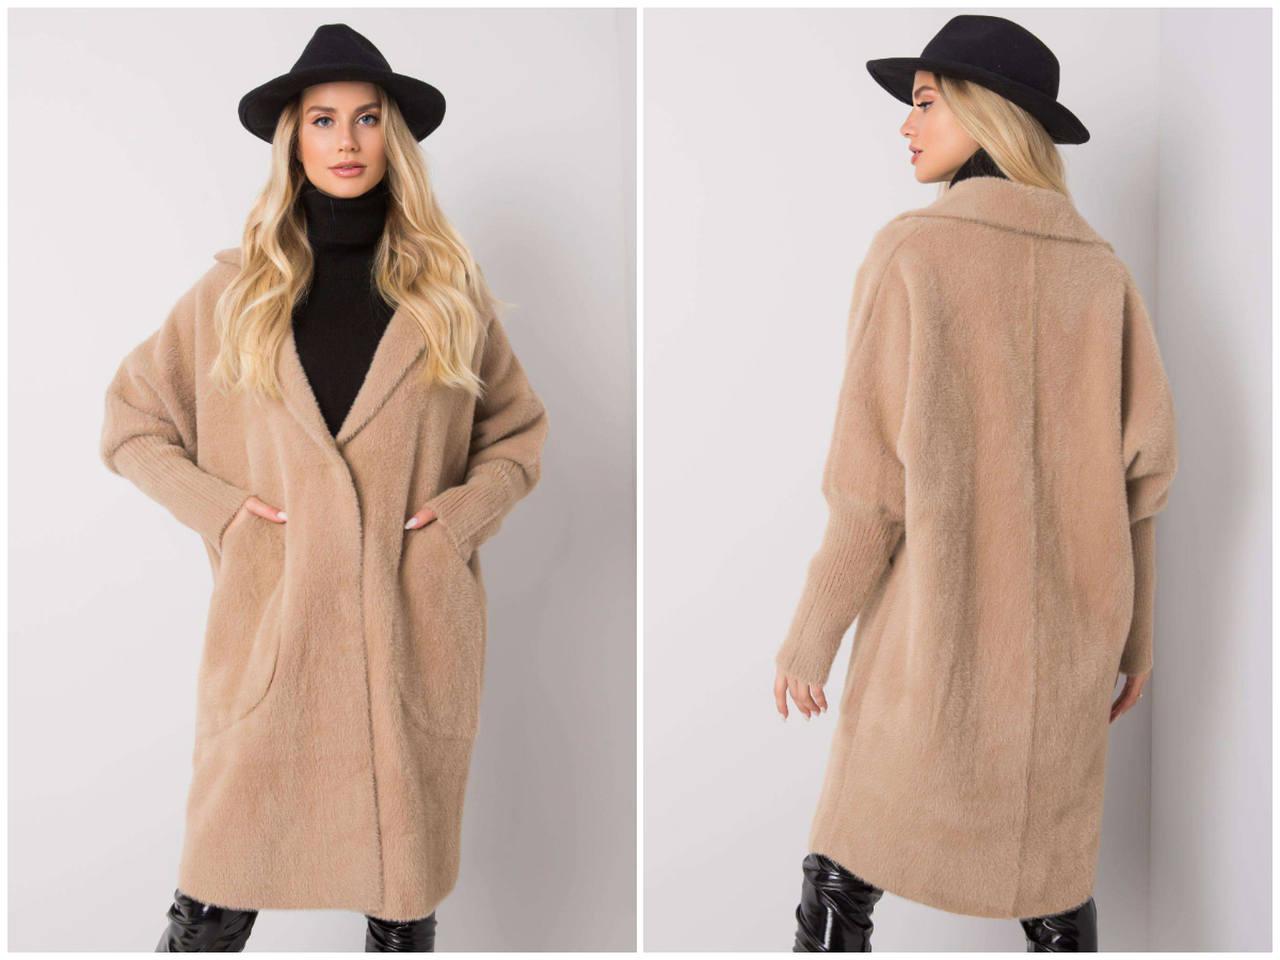 Płaszcz alpaka w hurcie online - krótki beżowy płaszcz